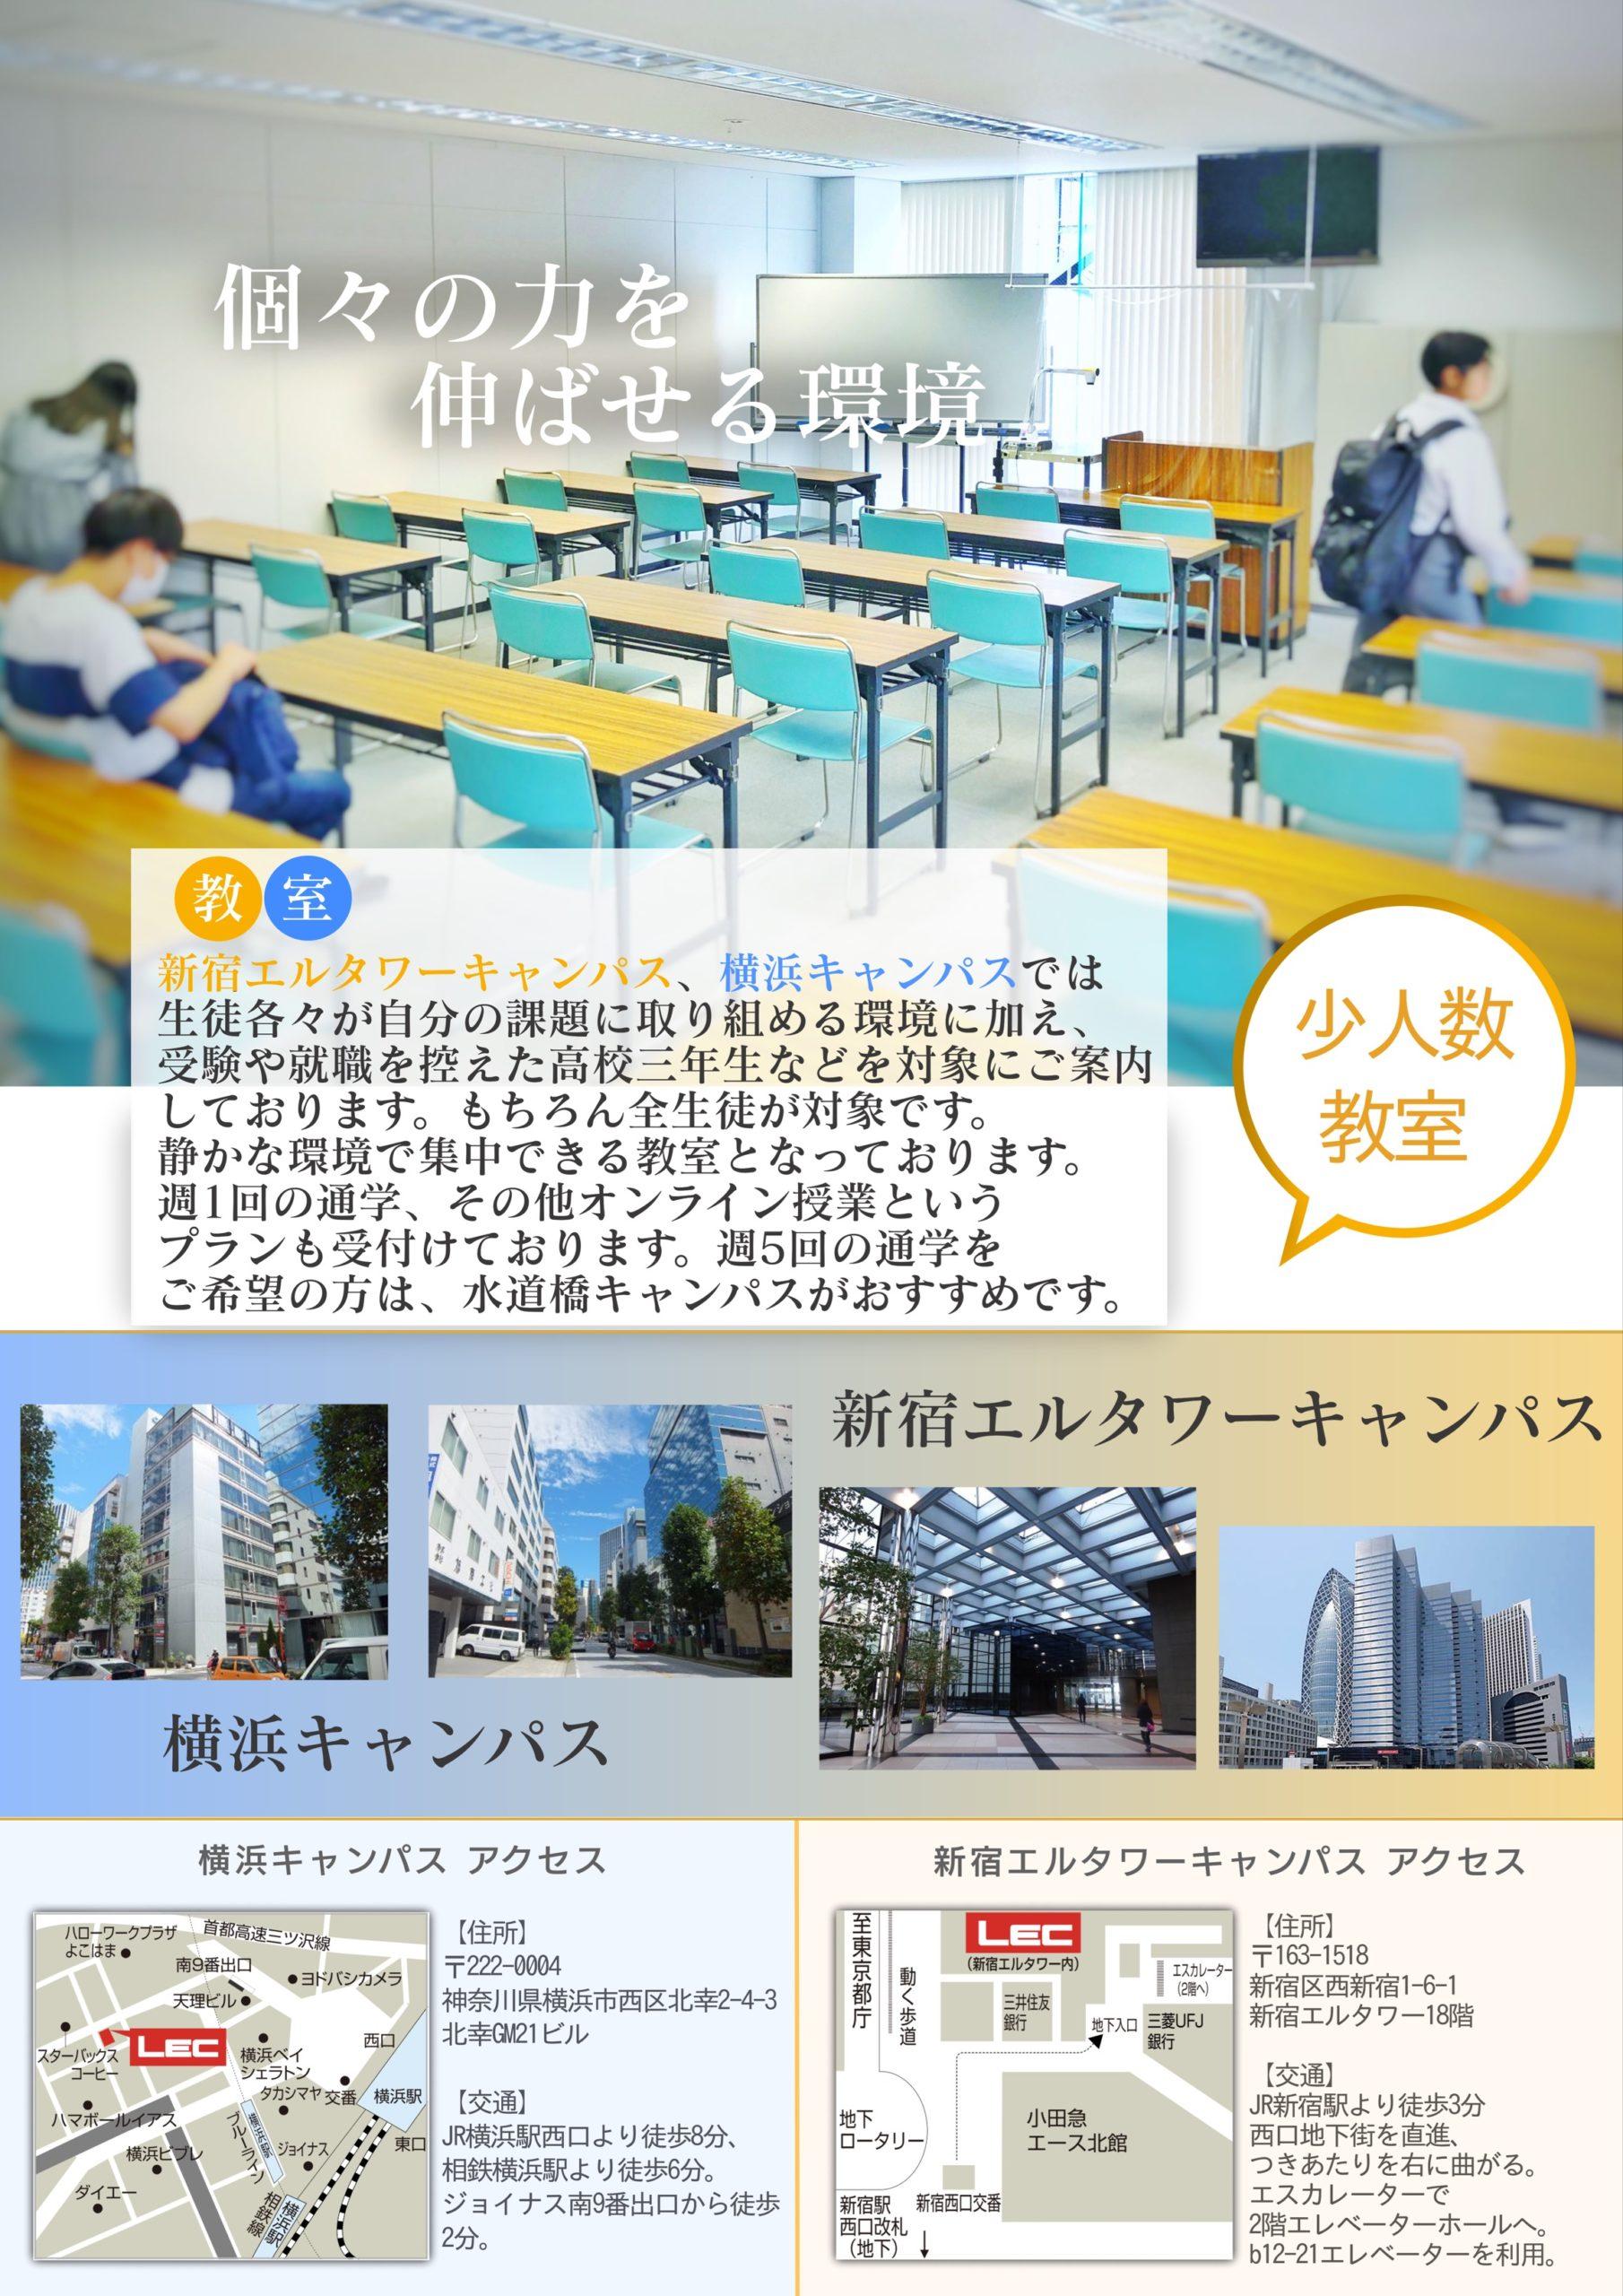 横浜・新宿キャンパス